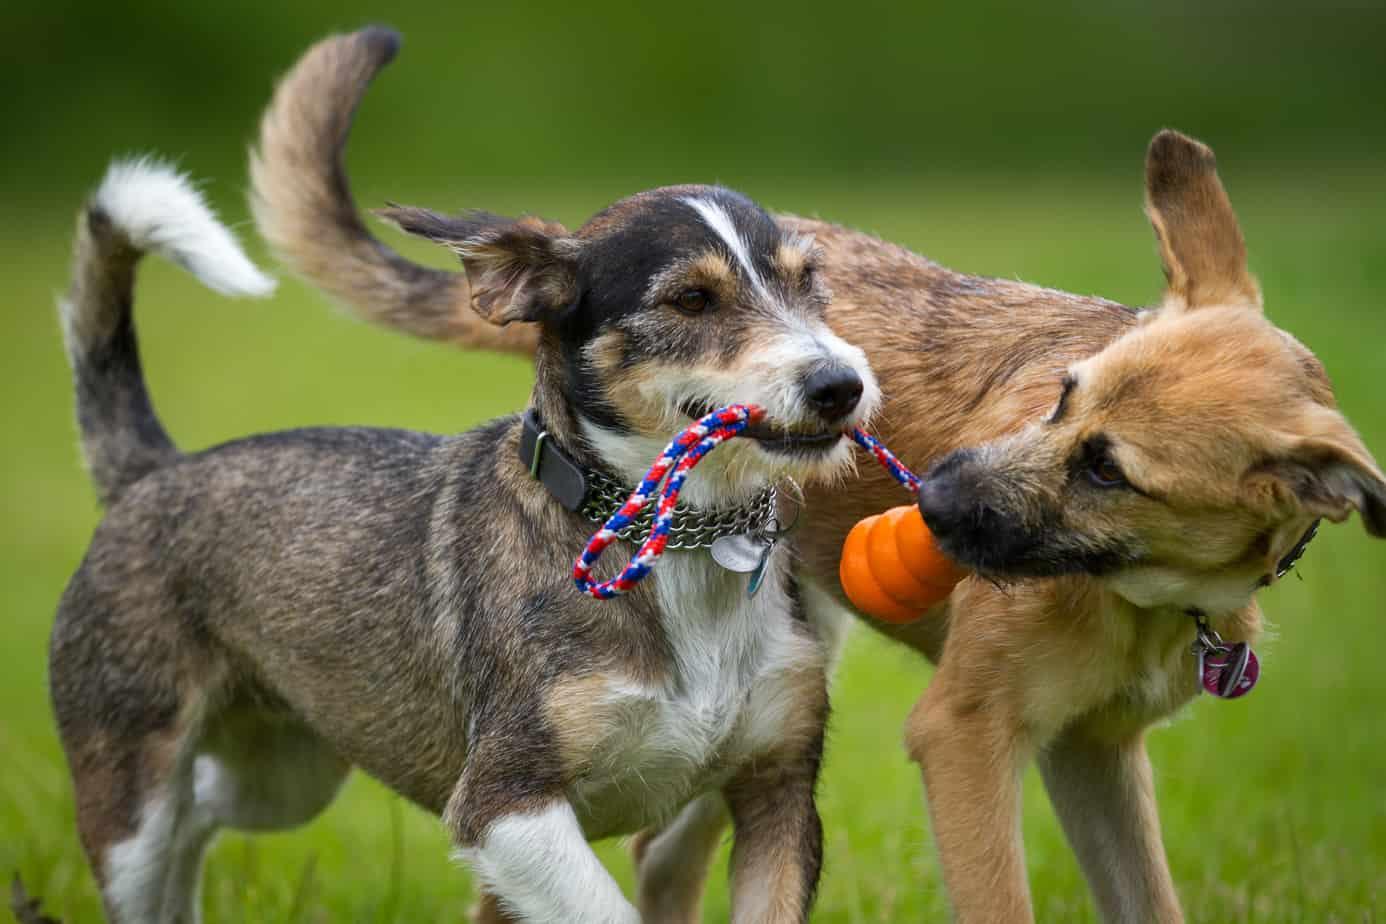 Giochi per cani